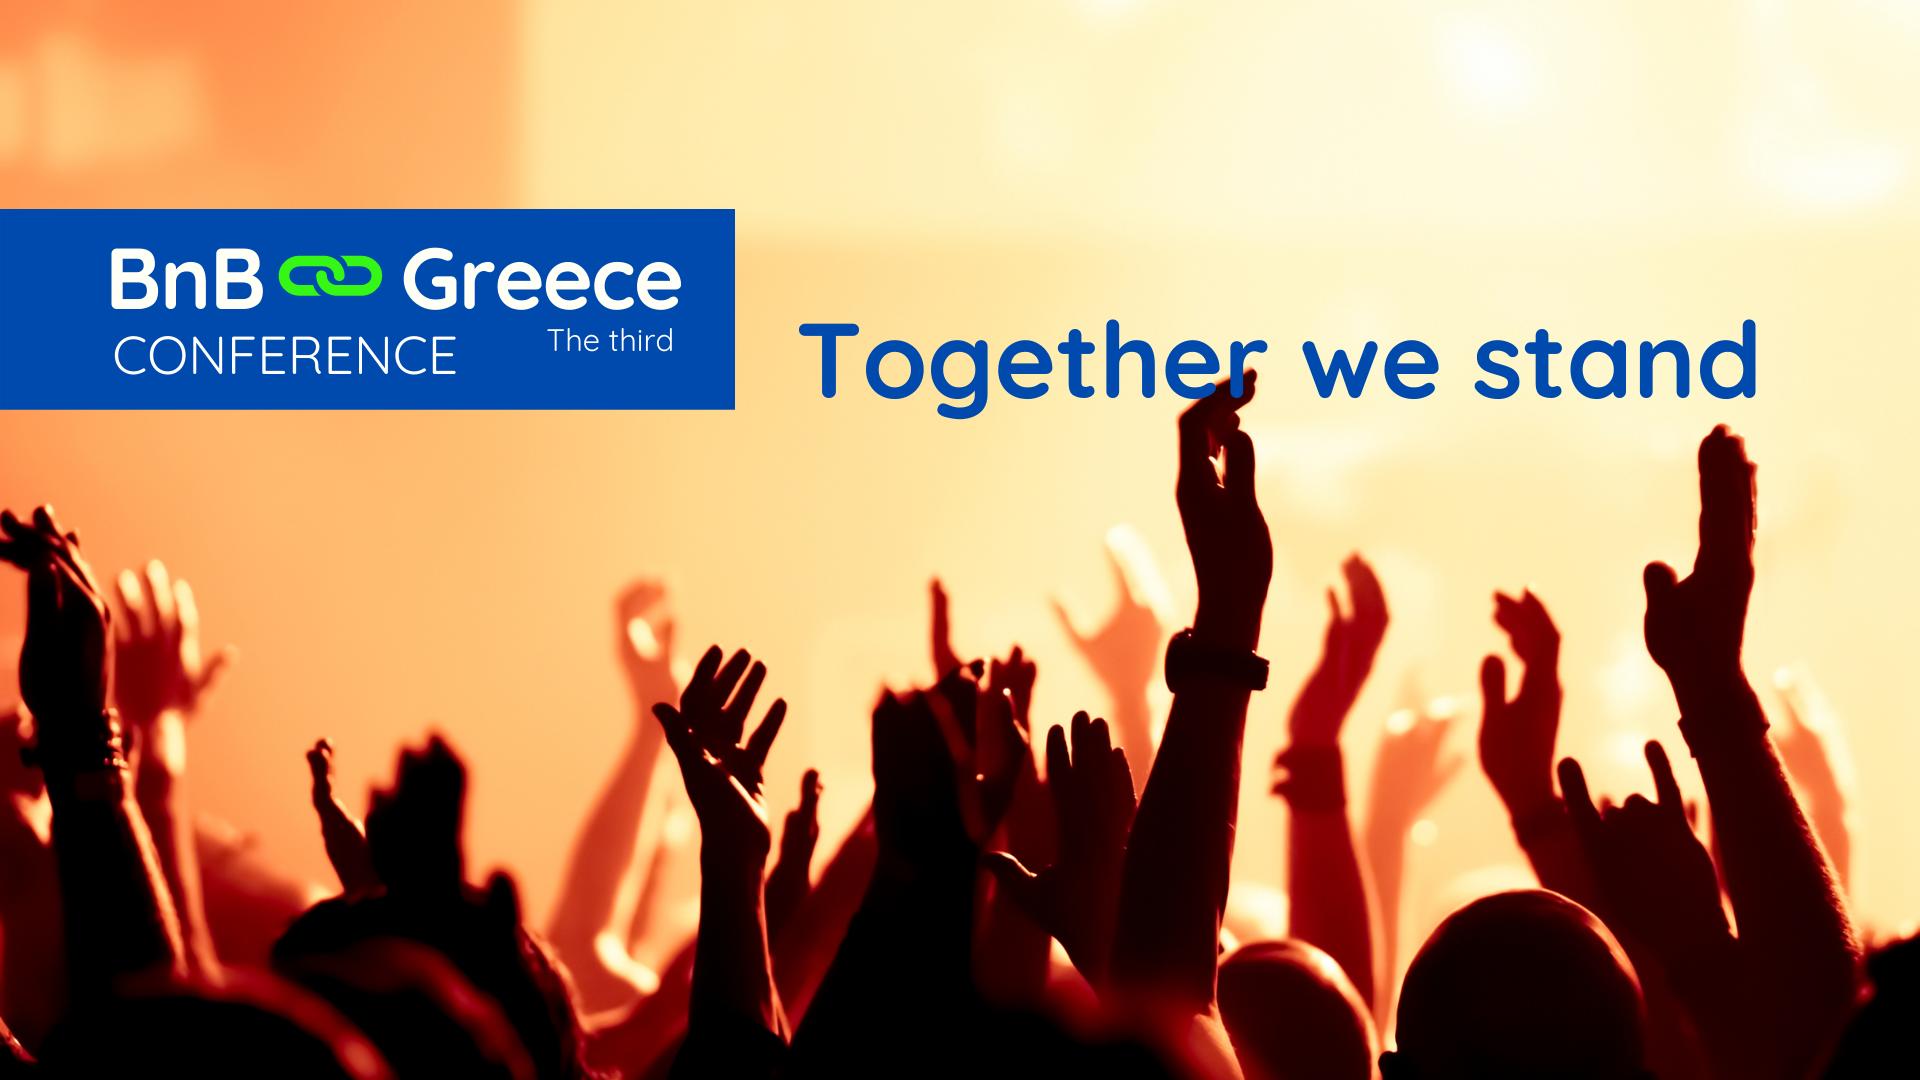 Ψήφος εμπιστοσύνης στο 3ο BnB Greece Conference από τα short-term rentals & villas